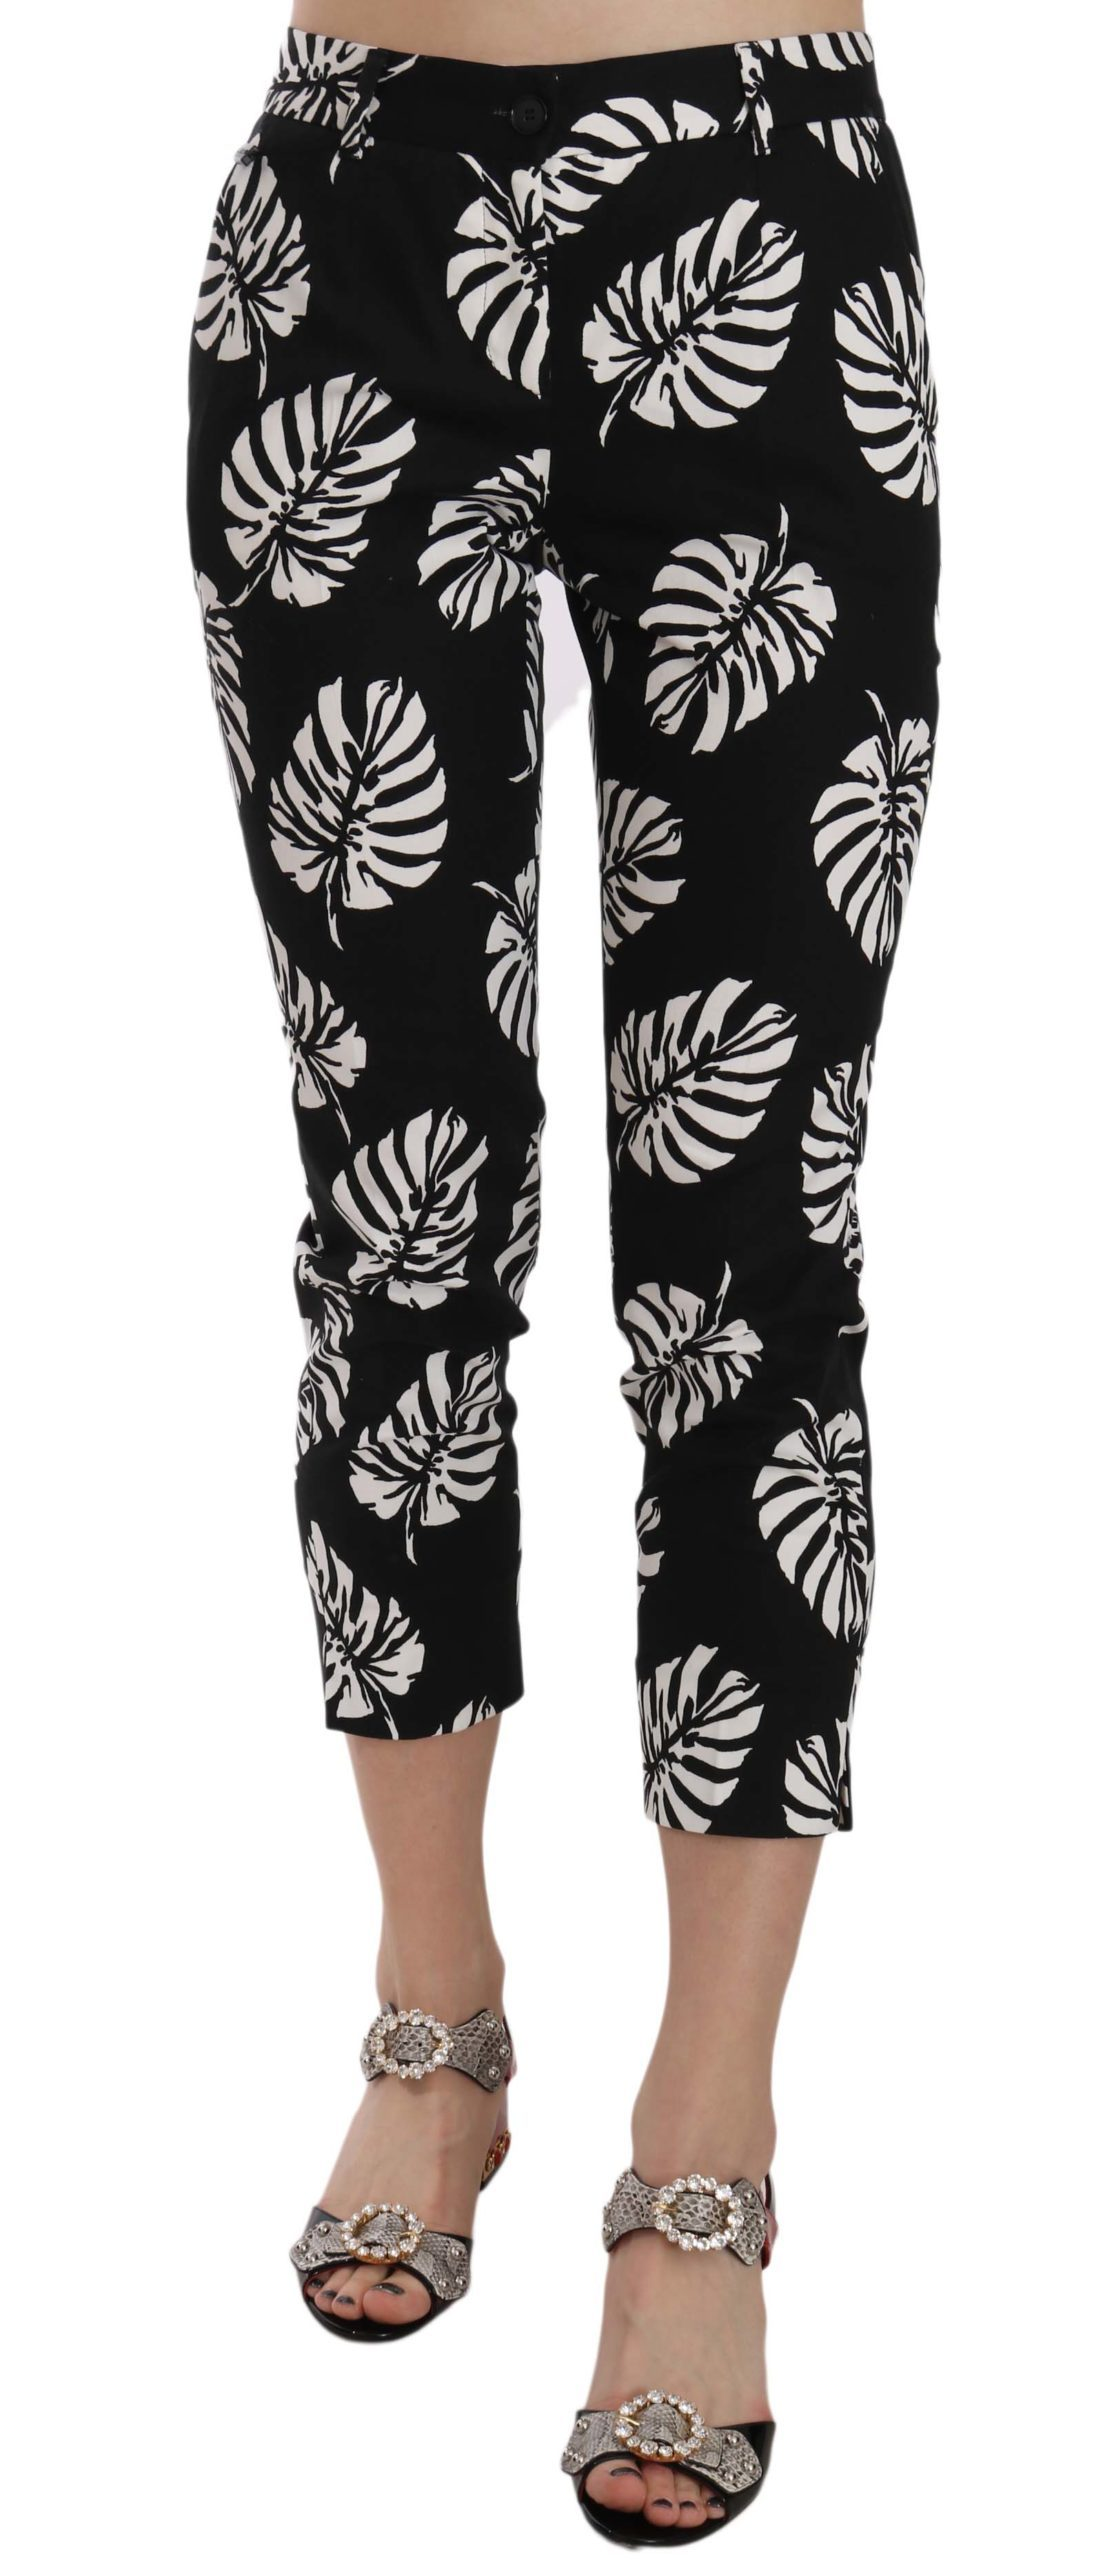 Dolce & Gabbana Women's Palm Leaf Print Skinny Trouser Black PAN70046 - IT36|XXS